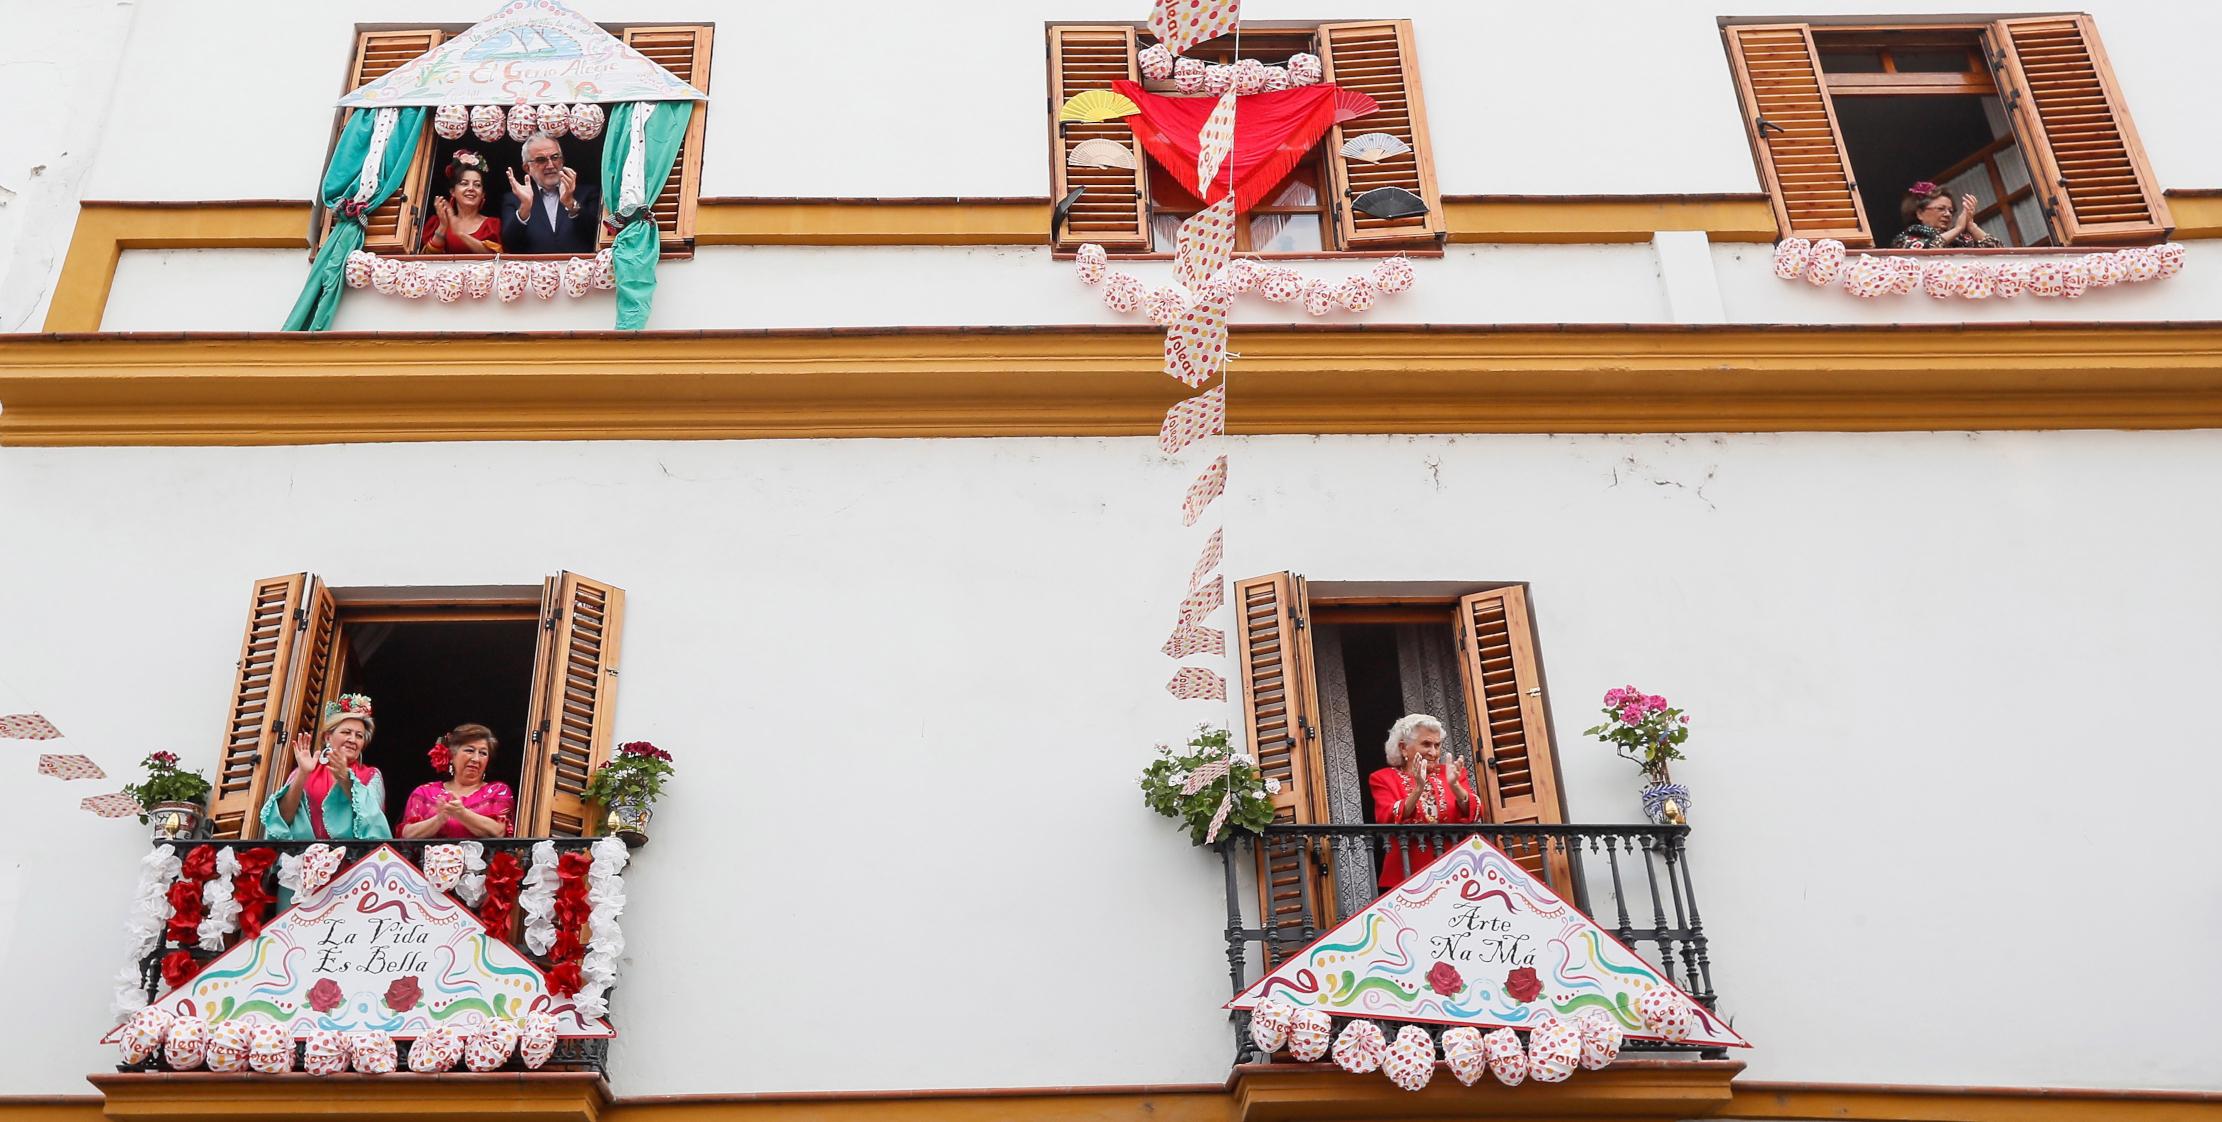 Mieszkańcy słynnej dzielnicy Triana w Sewilli, jak każdego dnia, biją brawa z okien i balkonów - tu przyozdobionych z okazji festiwalu Feria de Abril, który miał się właśnie zaczynać.